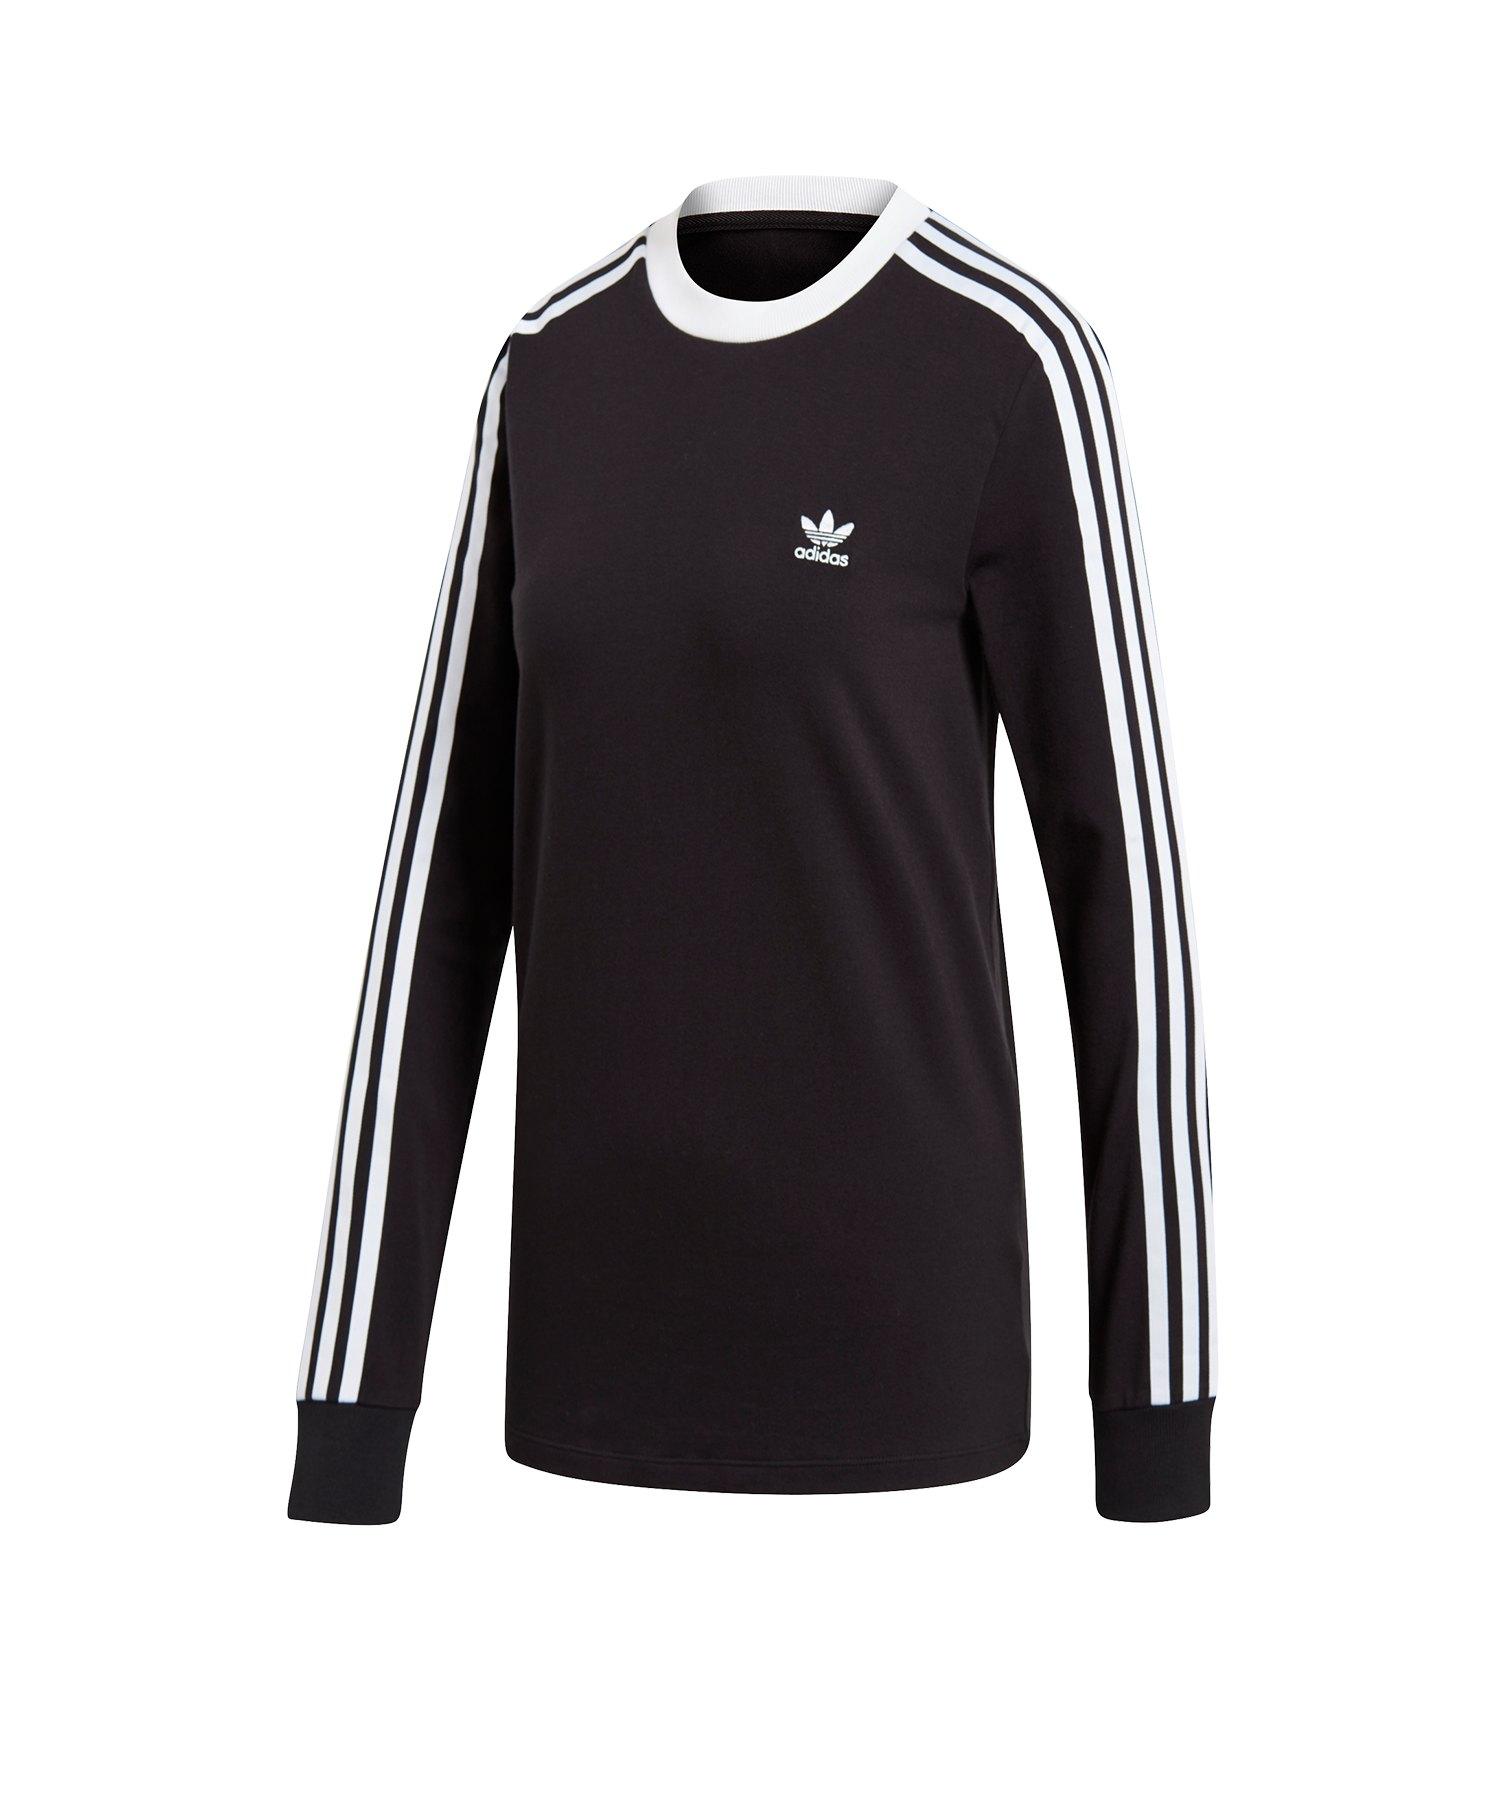 adidas Originals 3 Stripes Sweatshirt Schwarz  Lifestyle